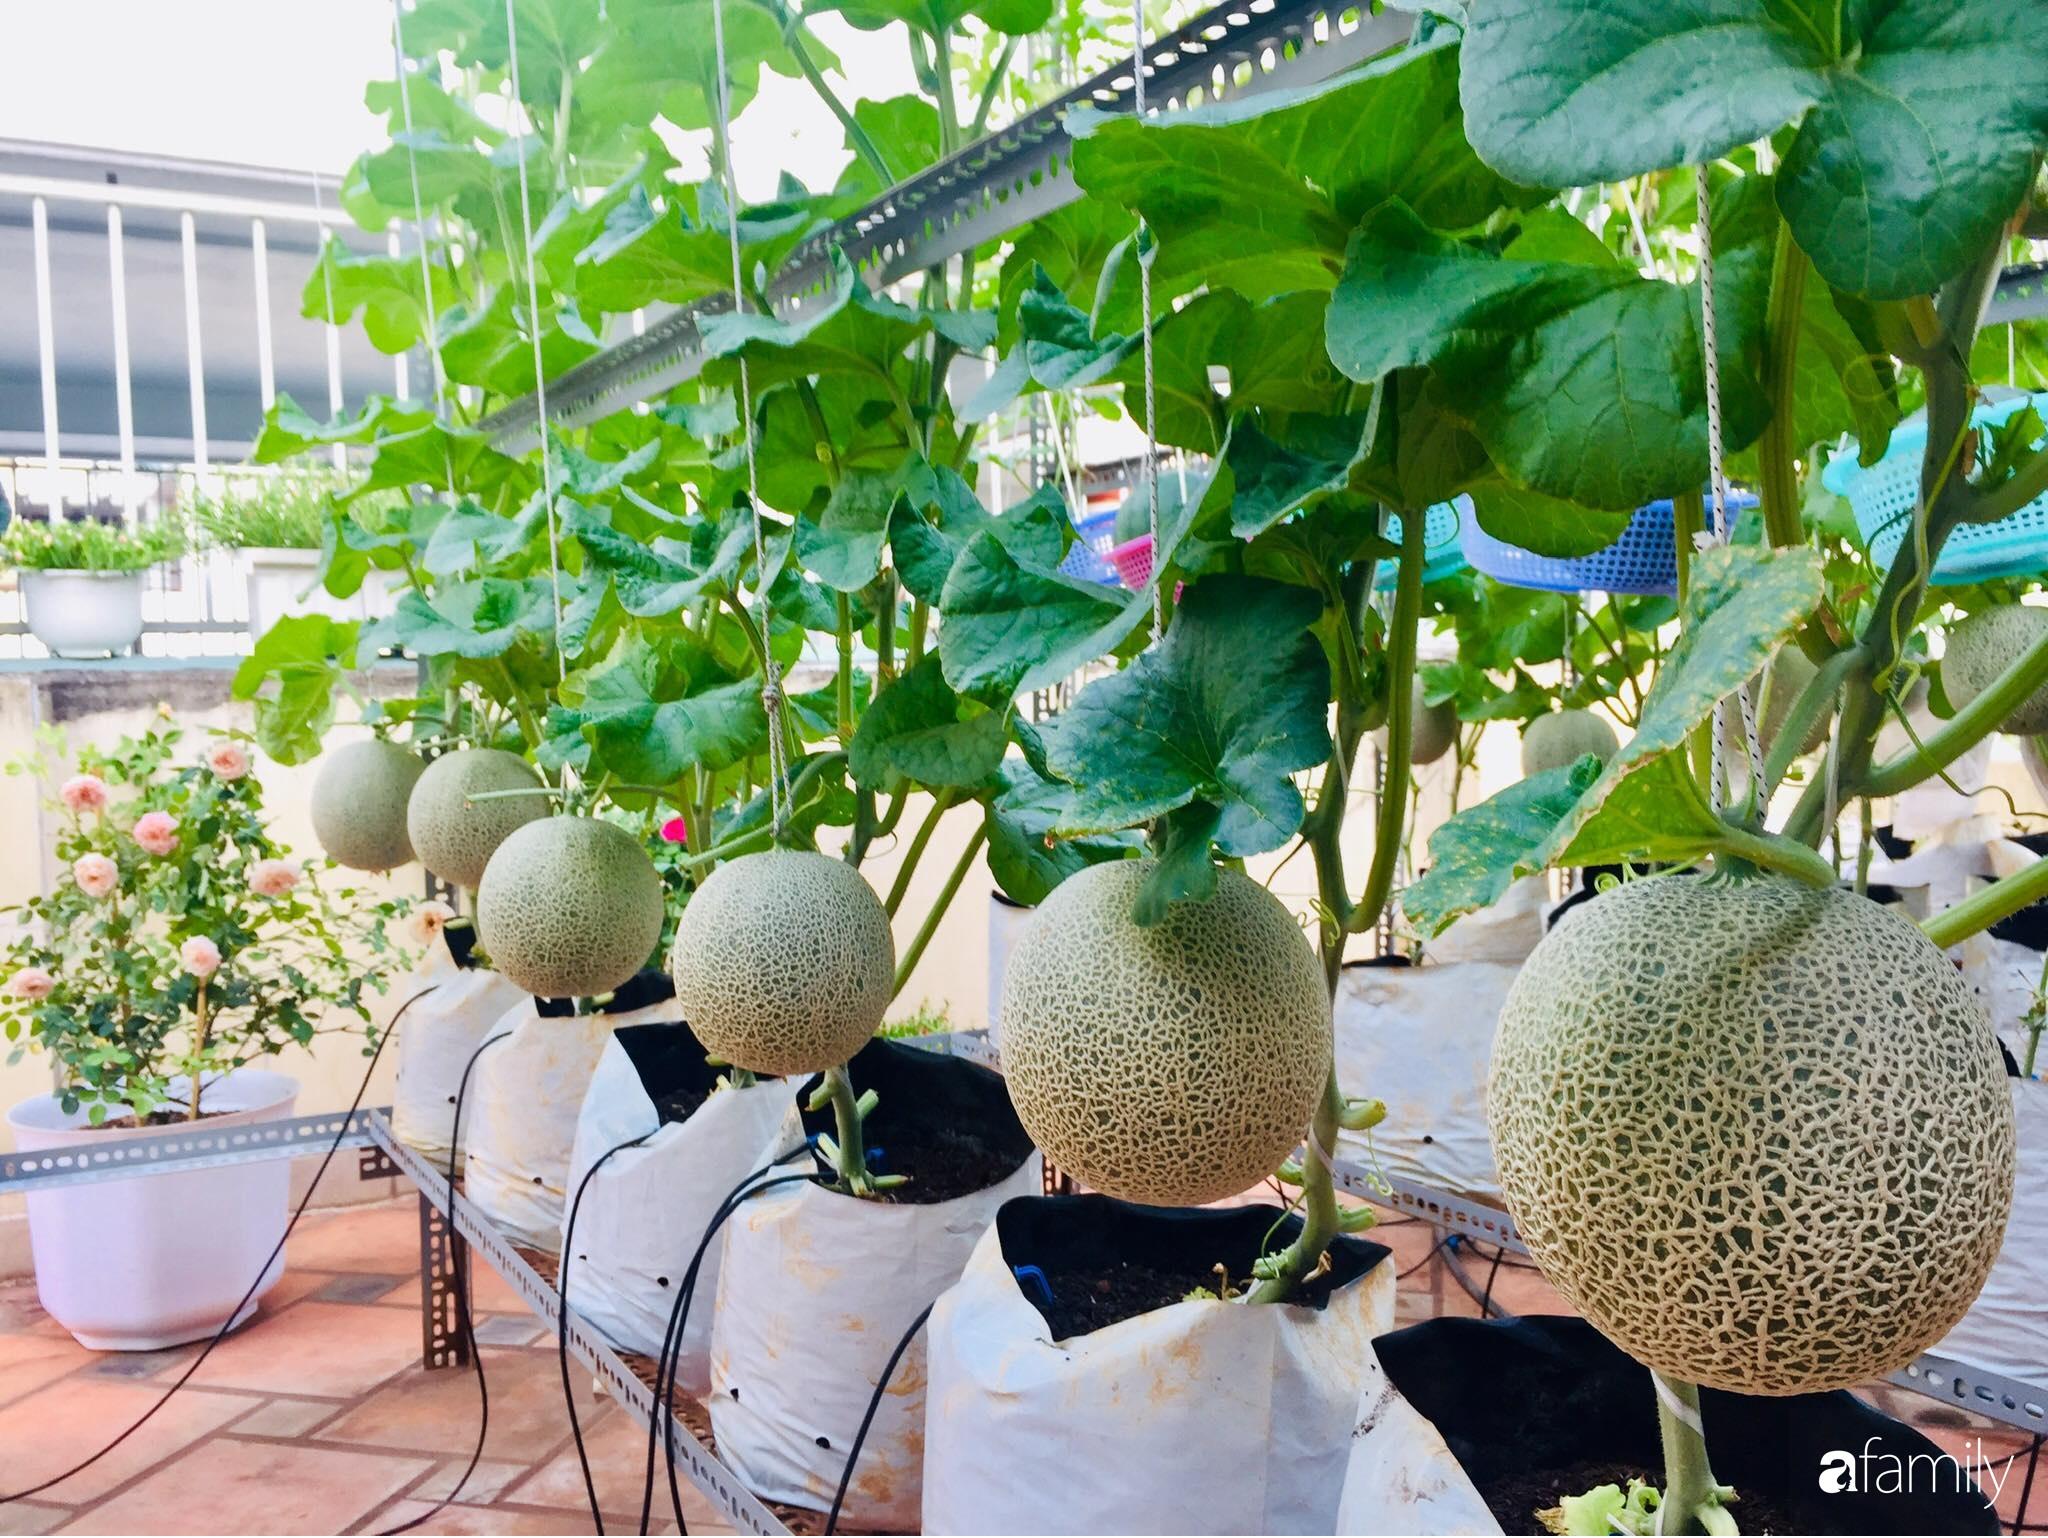 """Gặp """"siêu nhân"""" trồng dưa trên sân thượng với kinh nghiệm đáng ngưỡng mộ ở Sài Gòn - Ảnh 11."""